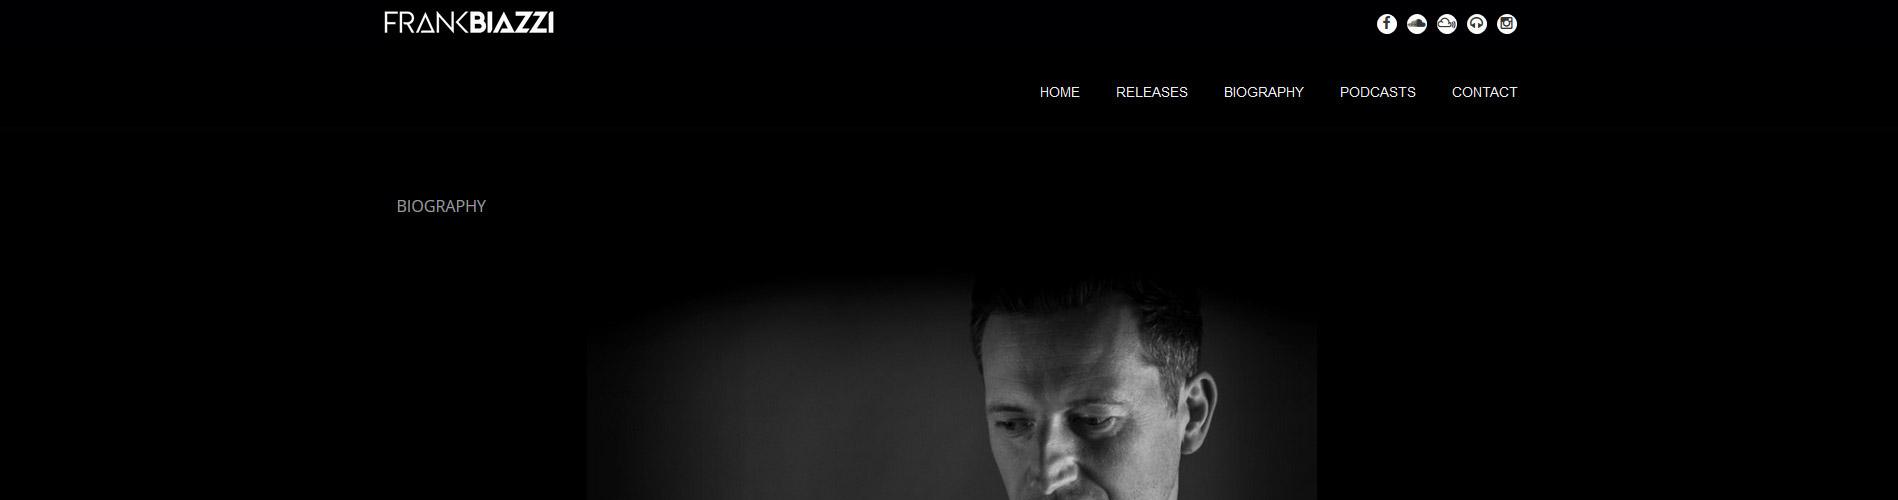 Site de Frank Biazzi DJ & producteur techno